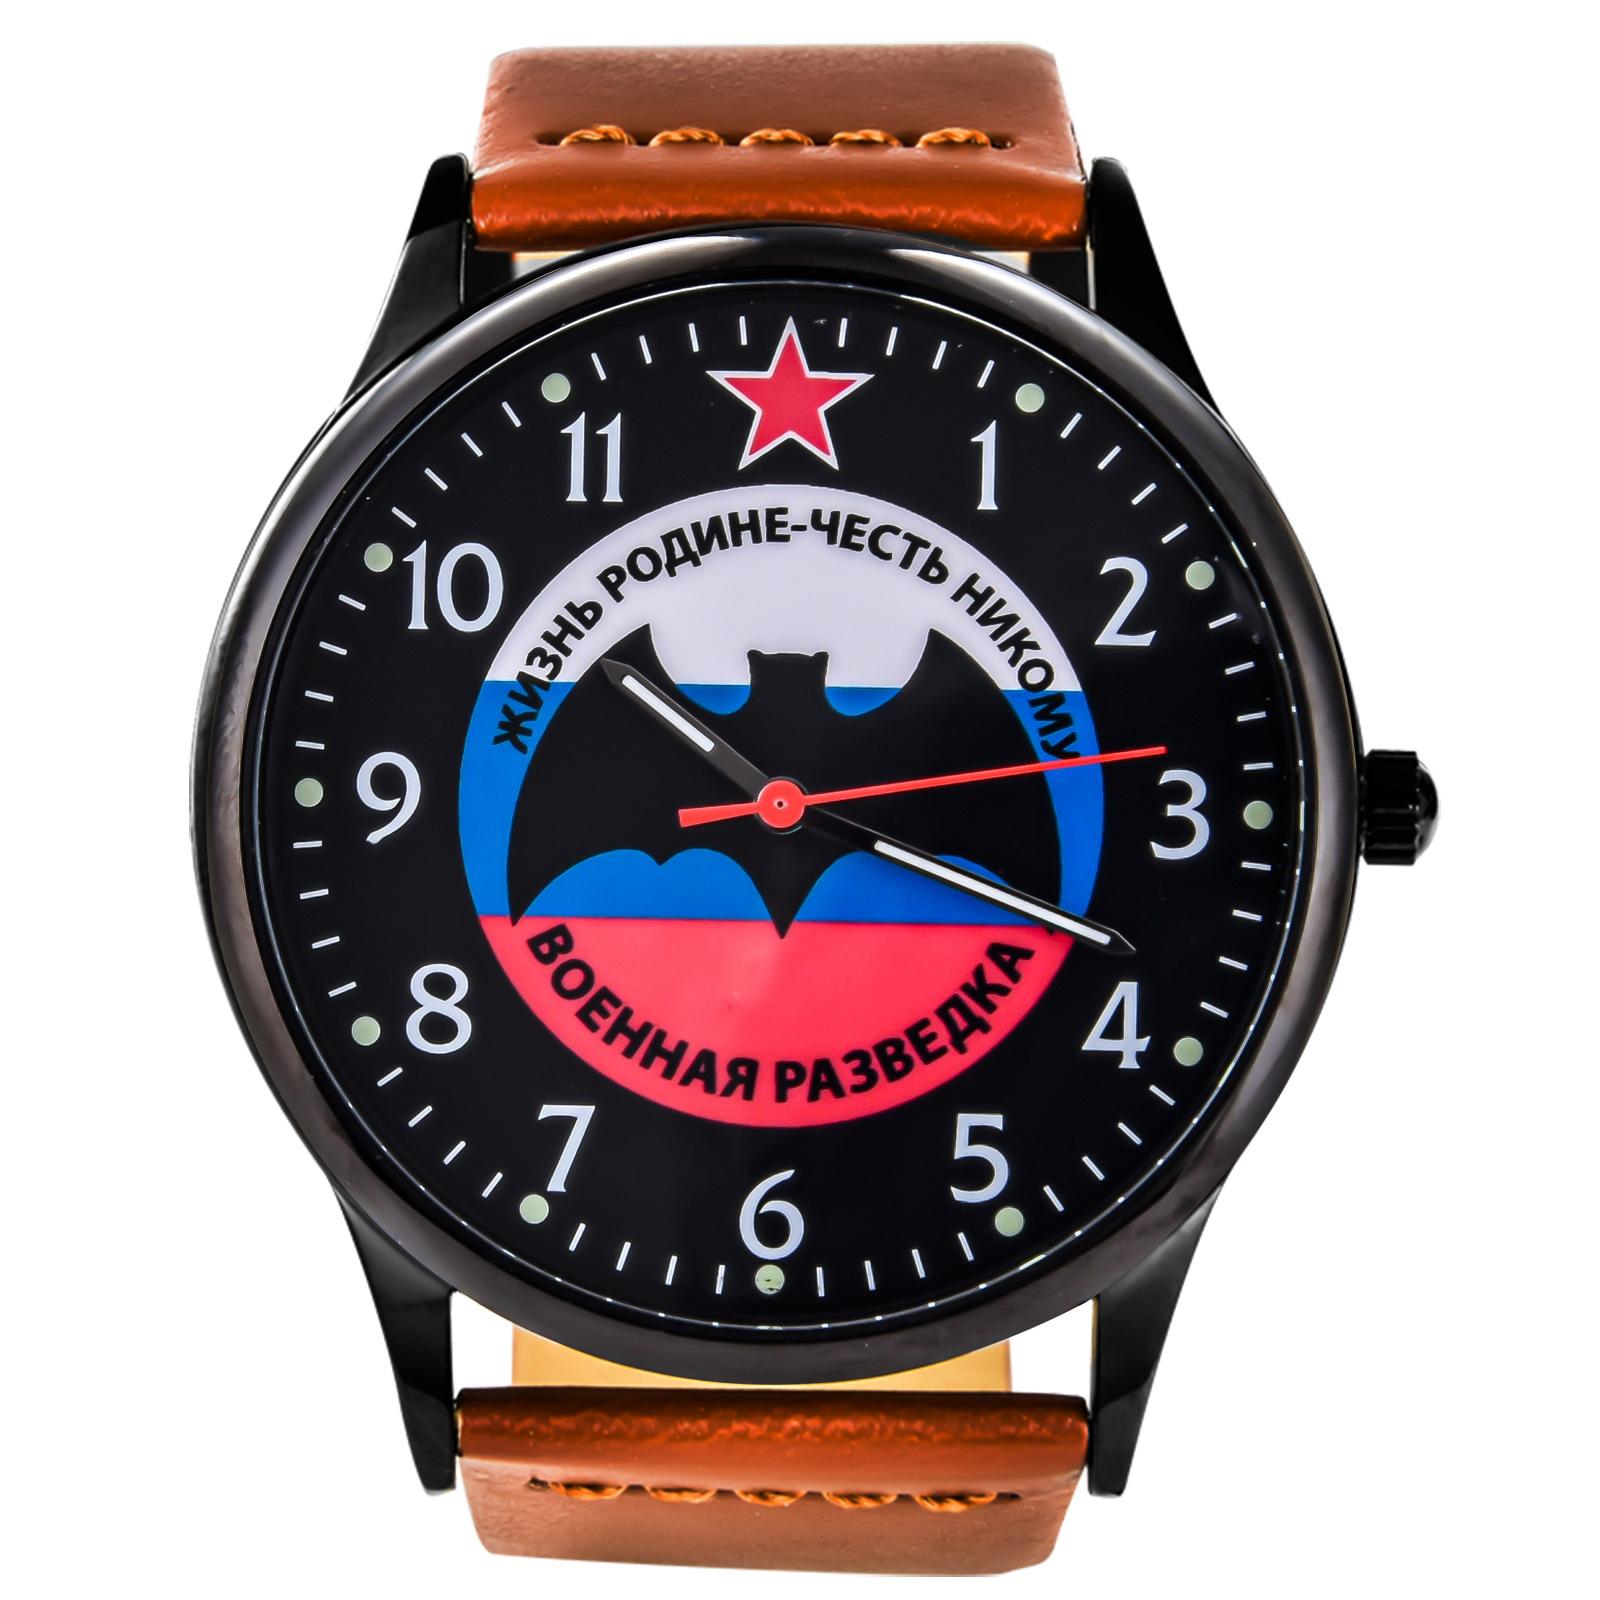 Наручные часы Военная разведка